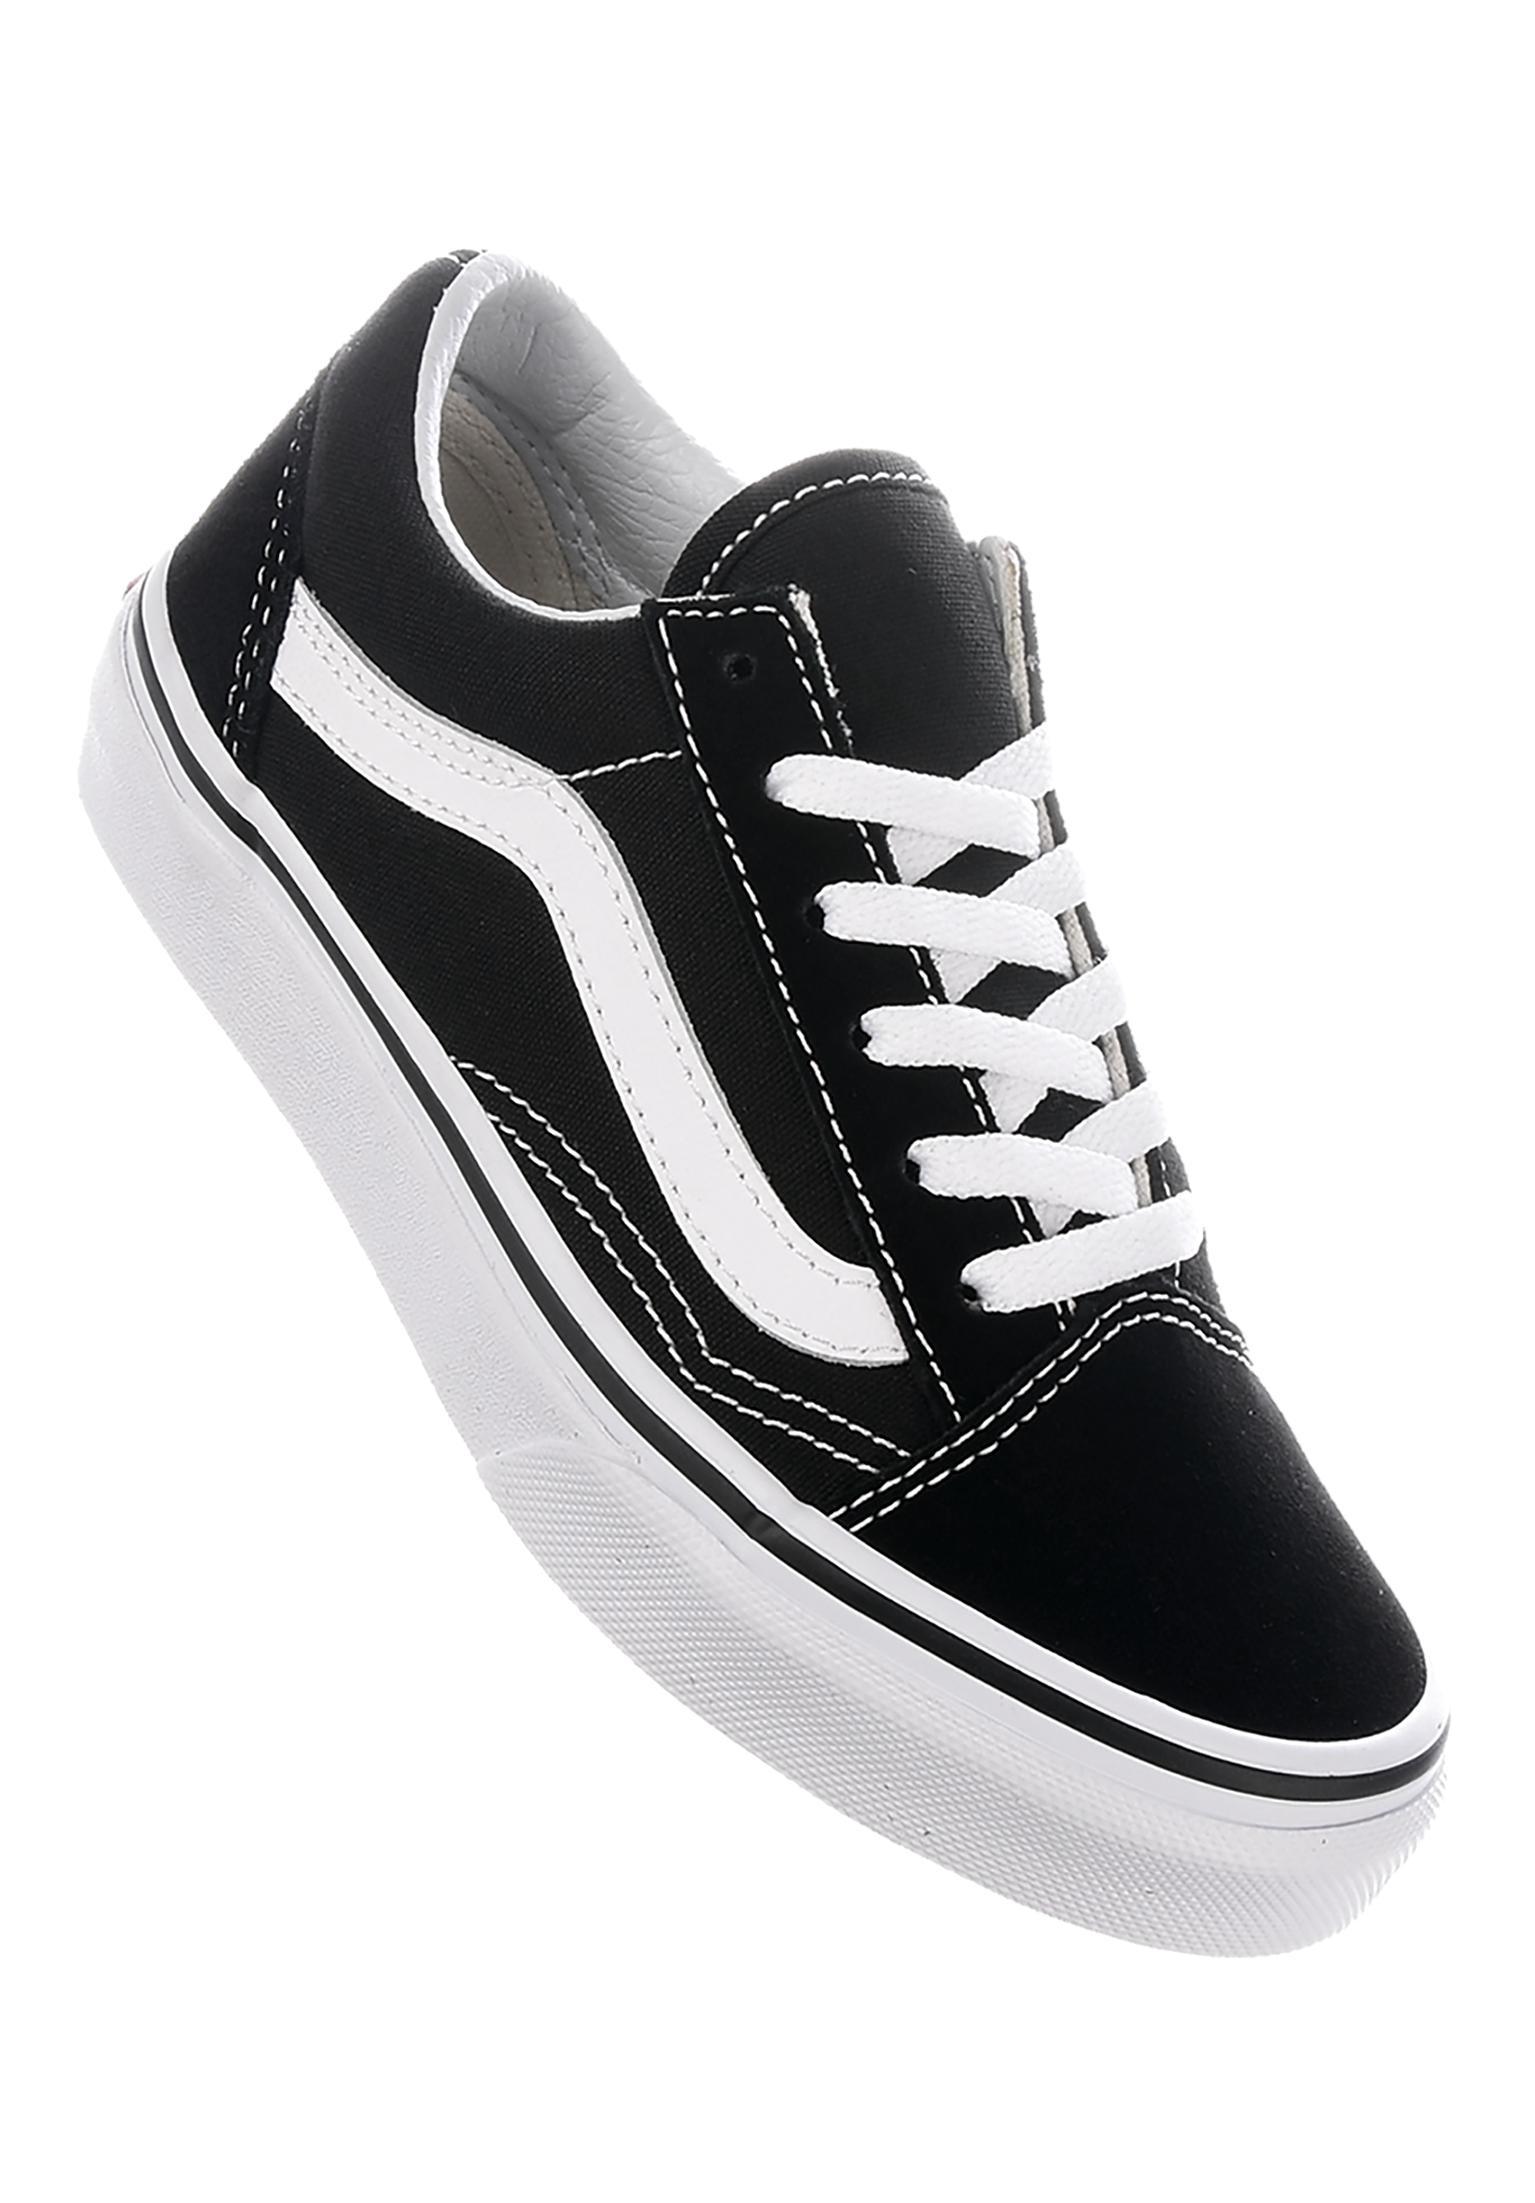 e233cdf0bd0 Alle Schuhe für Kinder im Titus Onlineshop kaufen